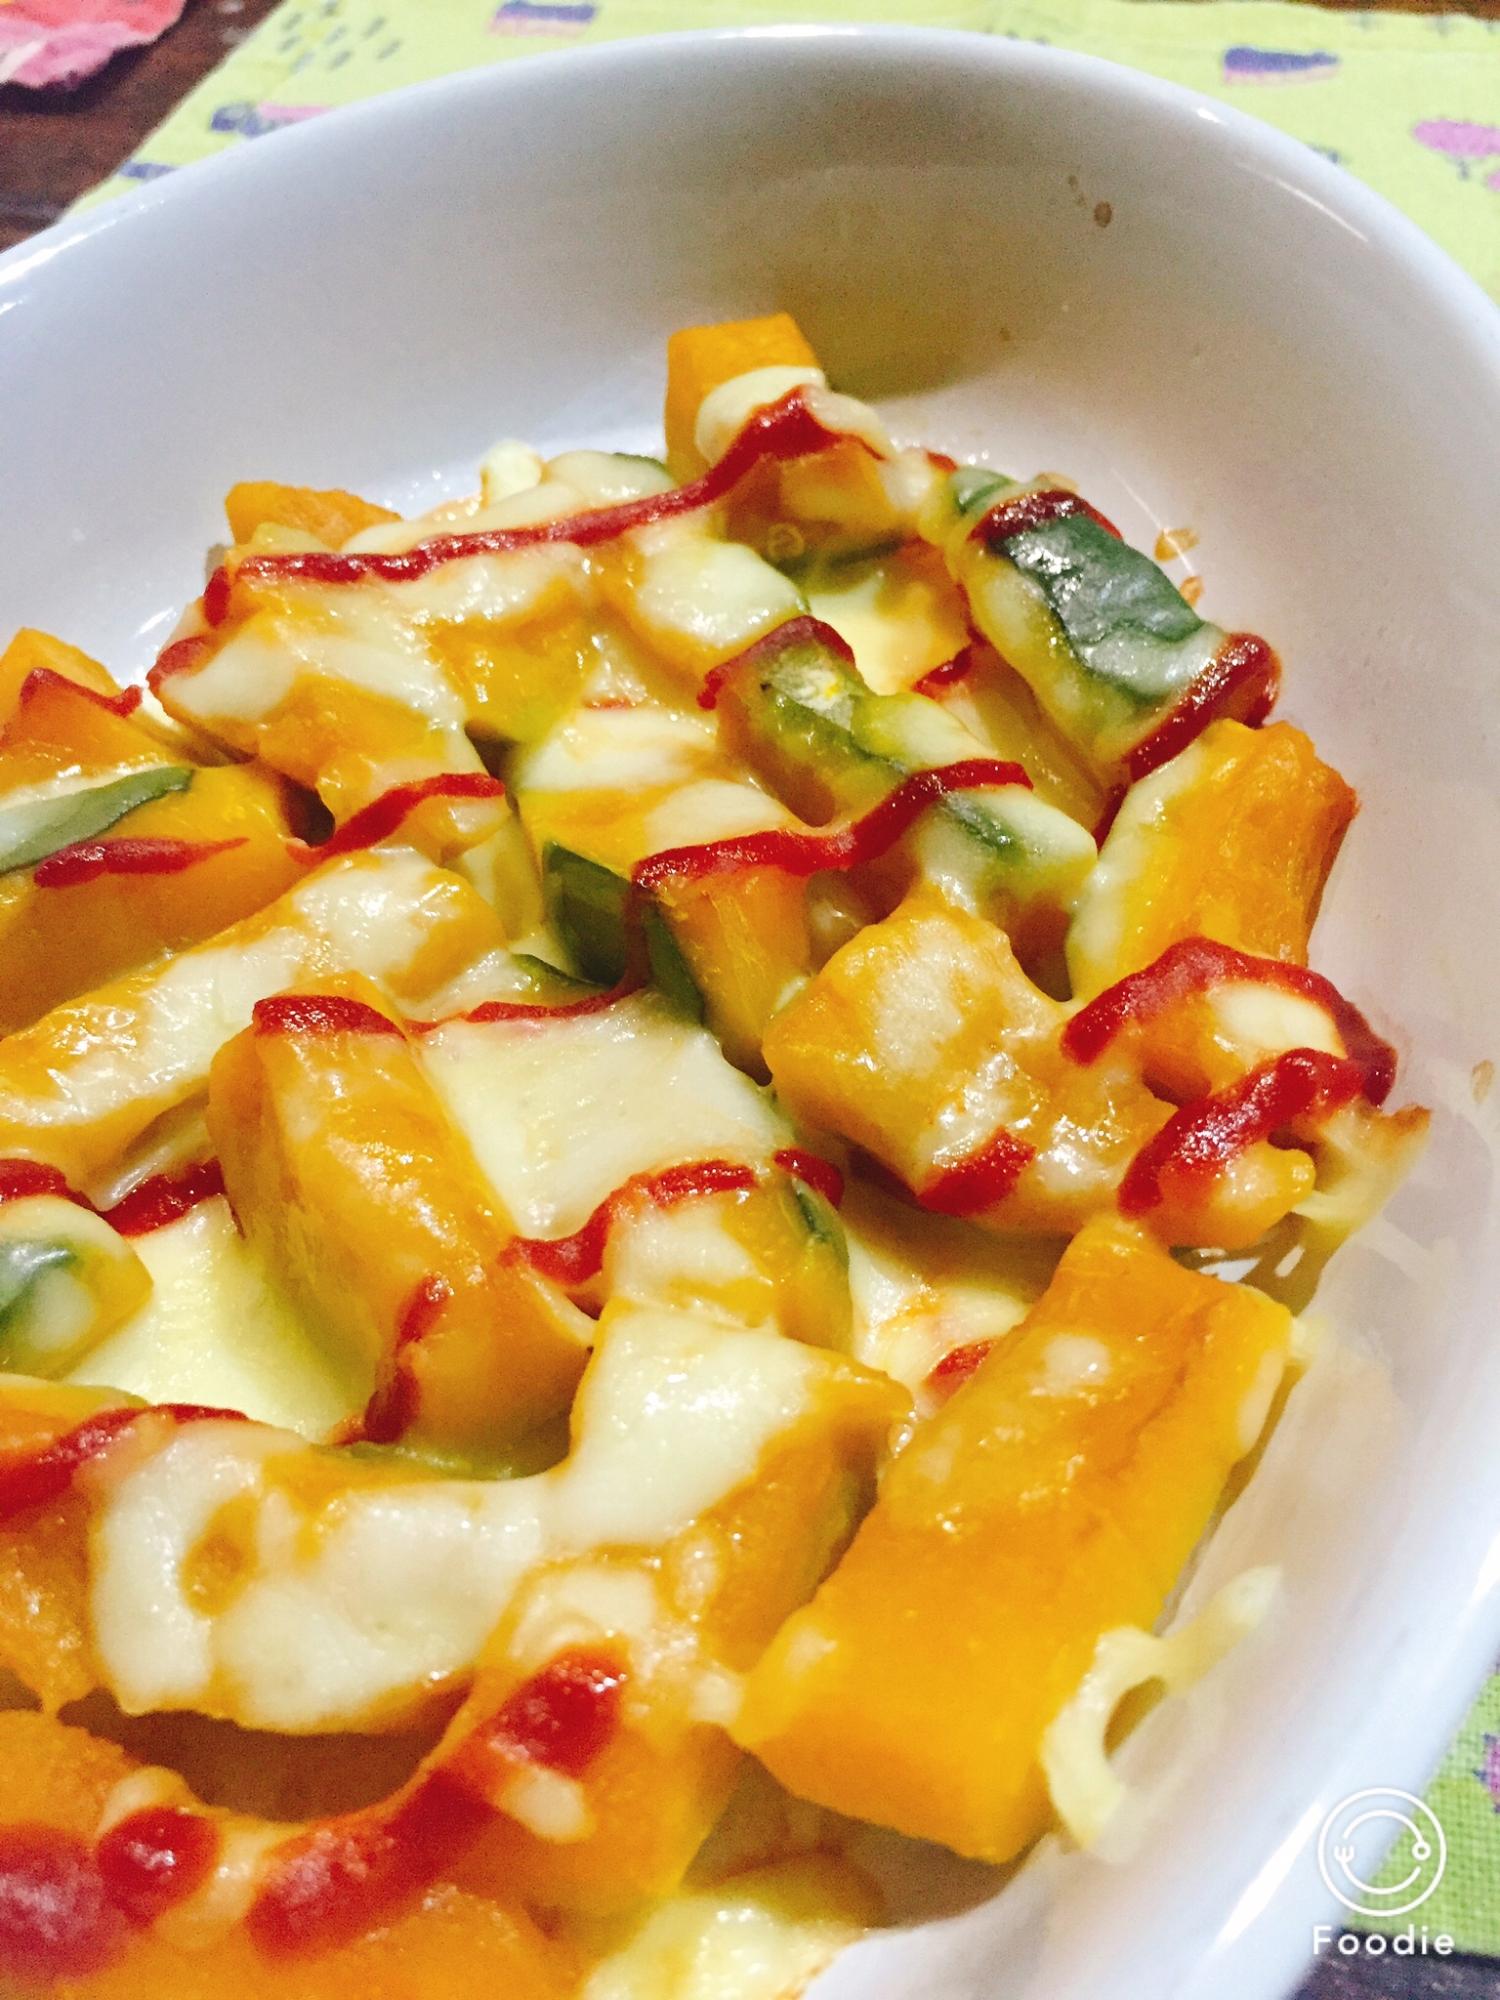 かぼちゃの煮物で かぼちゃチーズ焼き レシピ・作り方 by およねこ45|楽天レシピ